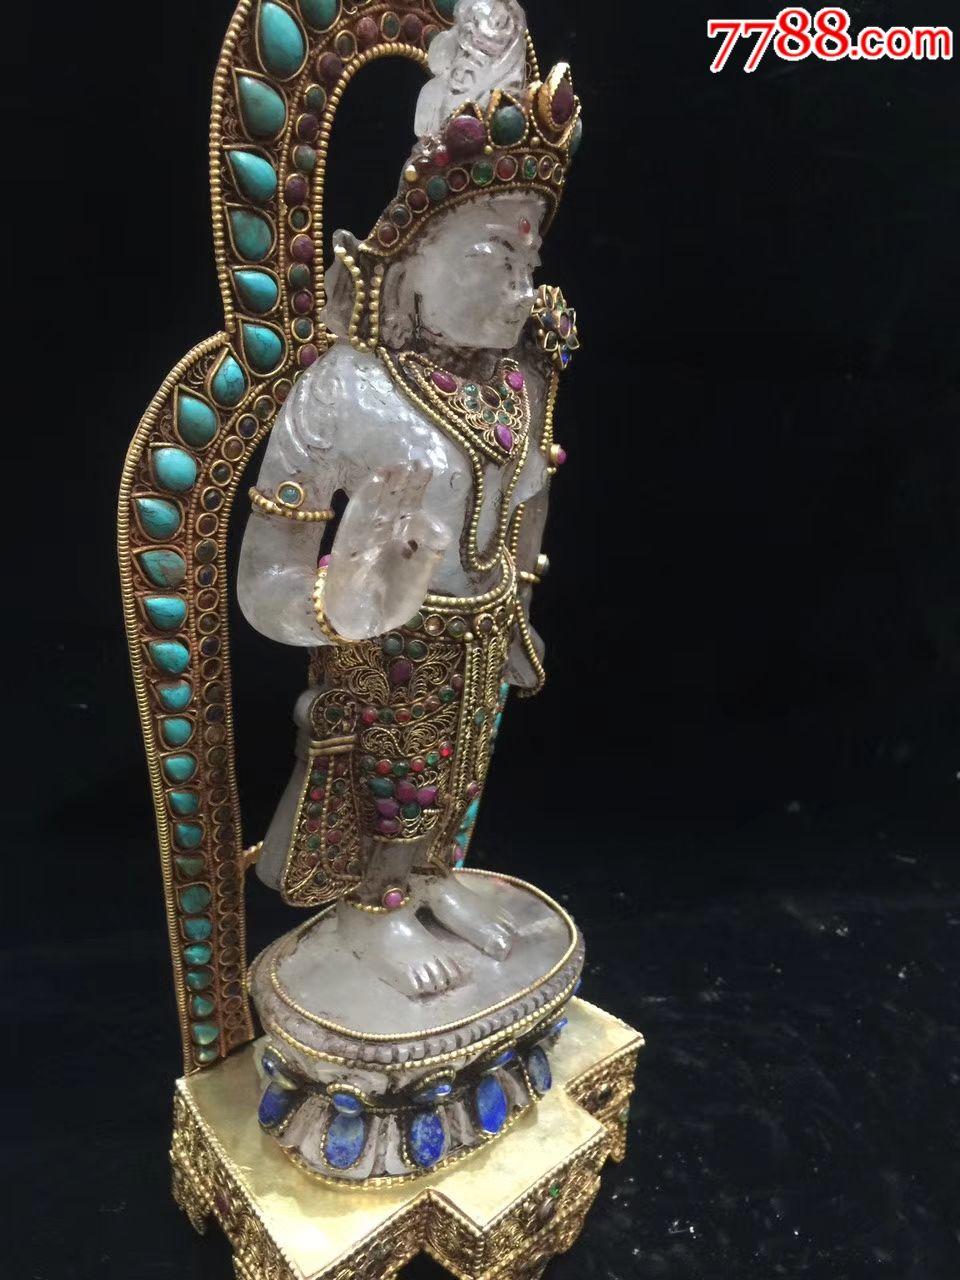 藏银手工掐丝镶嵌宝石度母佛台佛像◆天然白水晶手工雕刻四